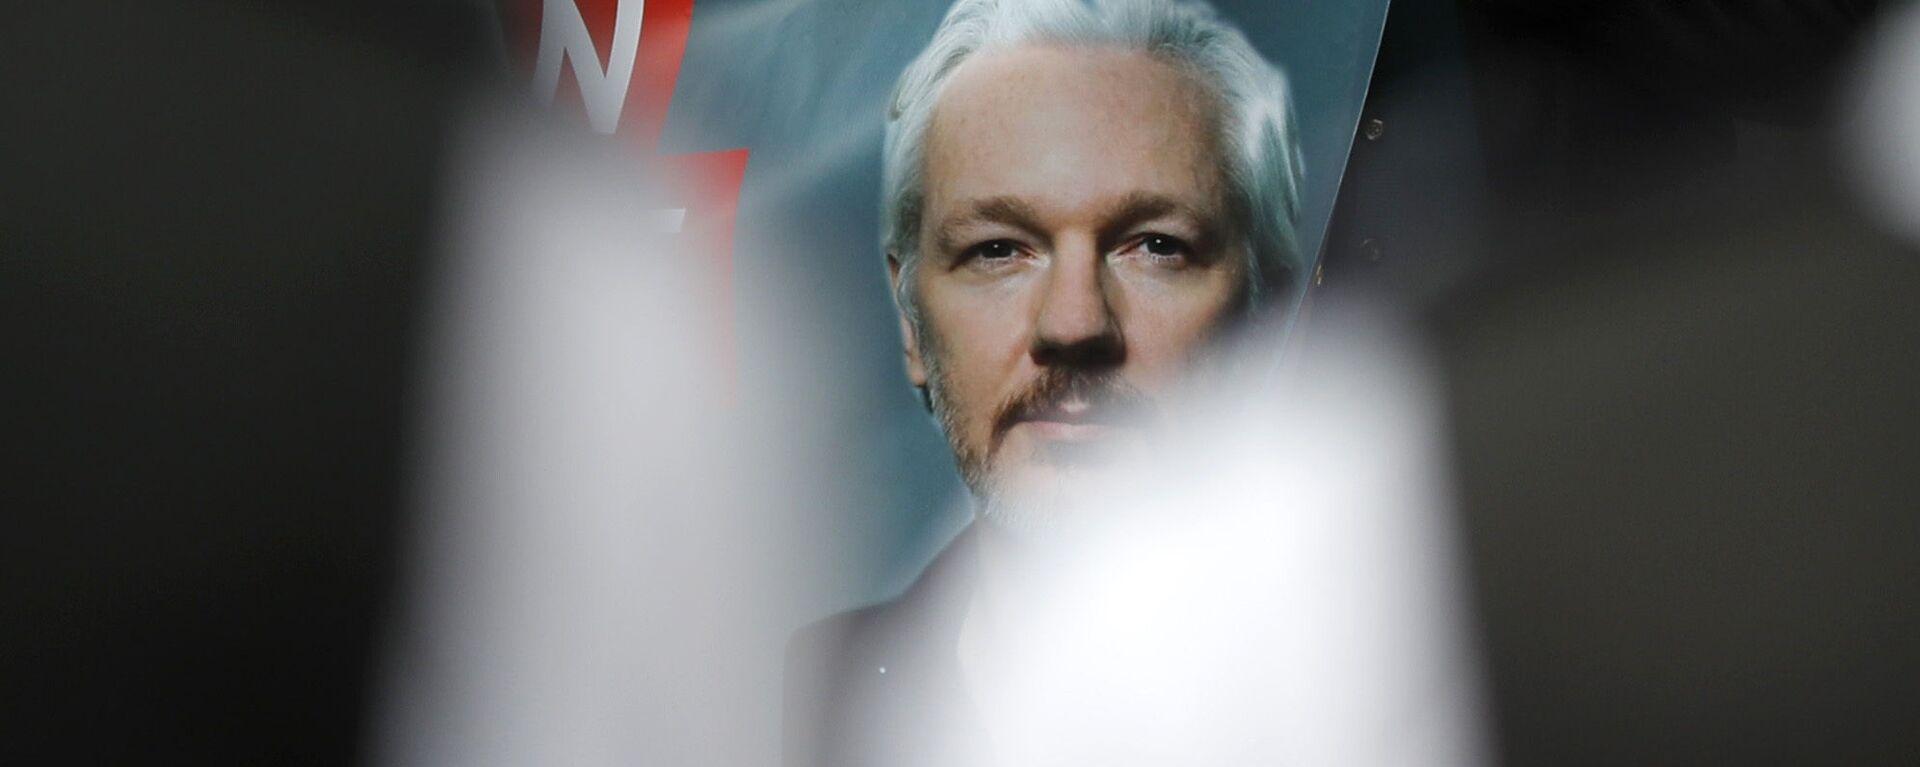 Plakat z podobizną założyciela WikiLeaks Juliana Assange'a - Sputnik Polska, 1920, 25.10.2019